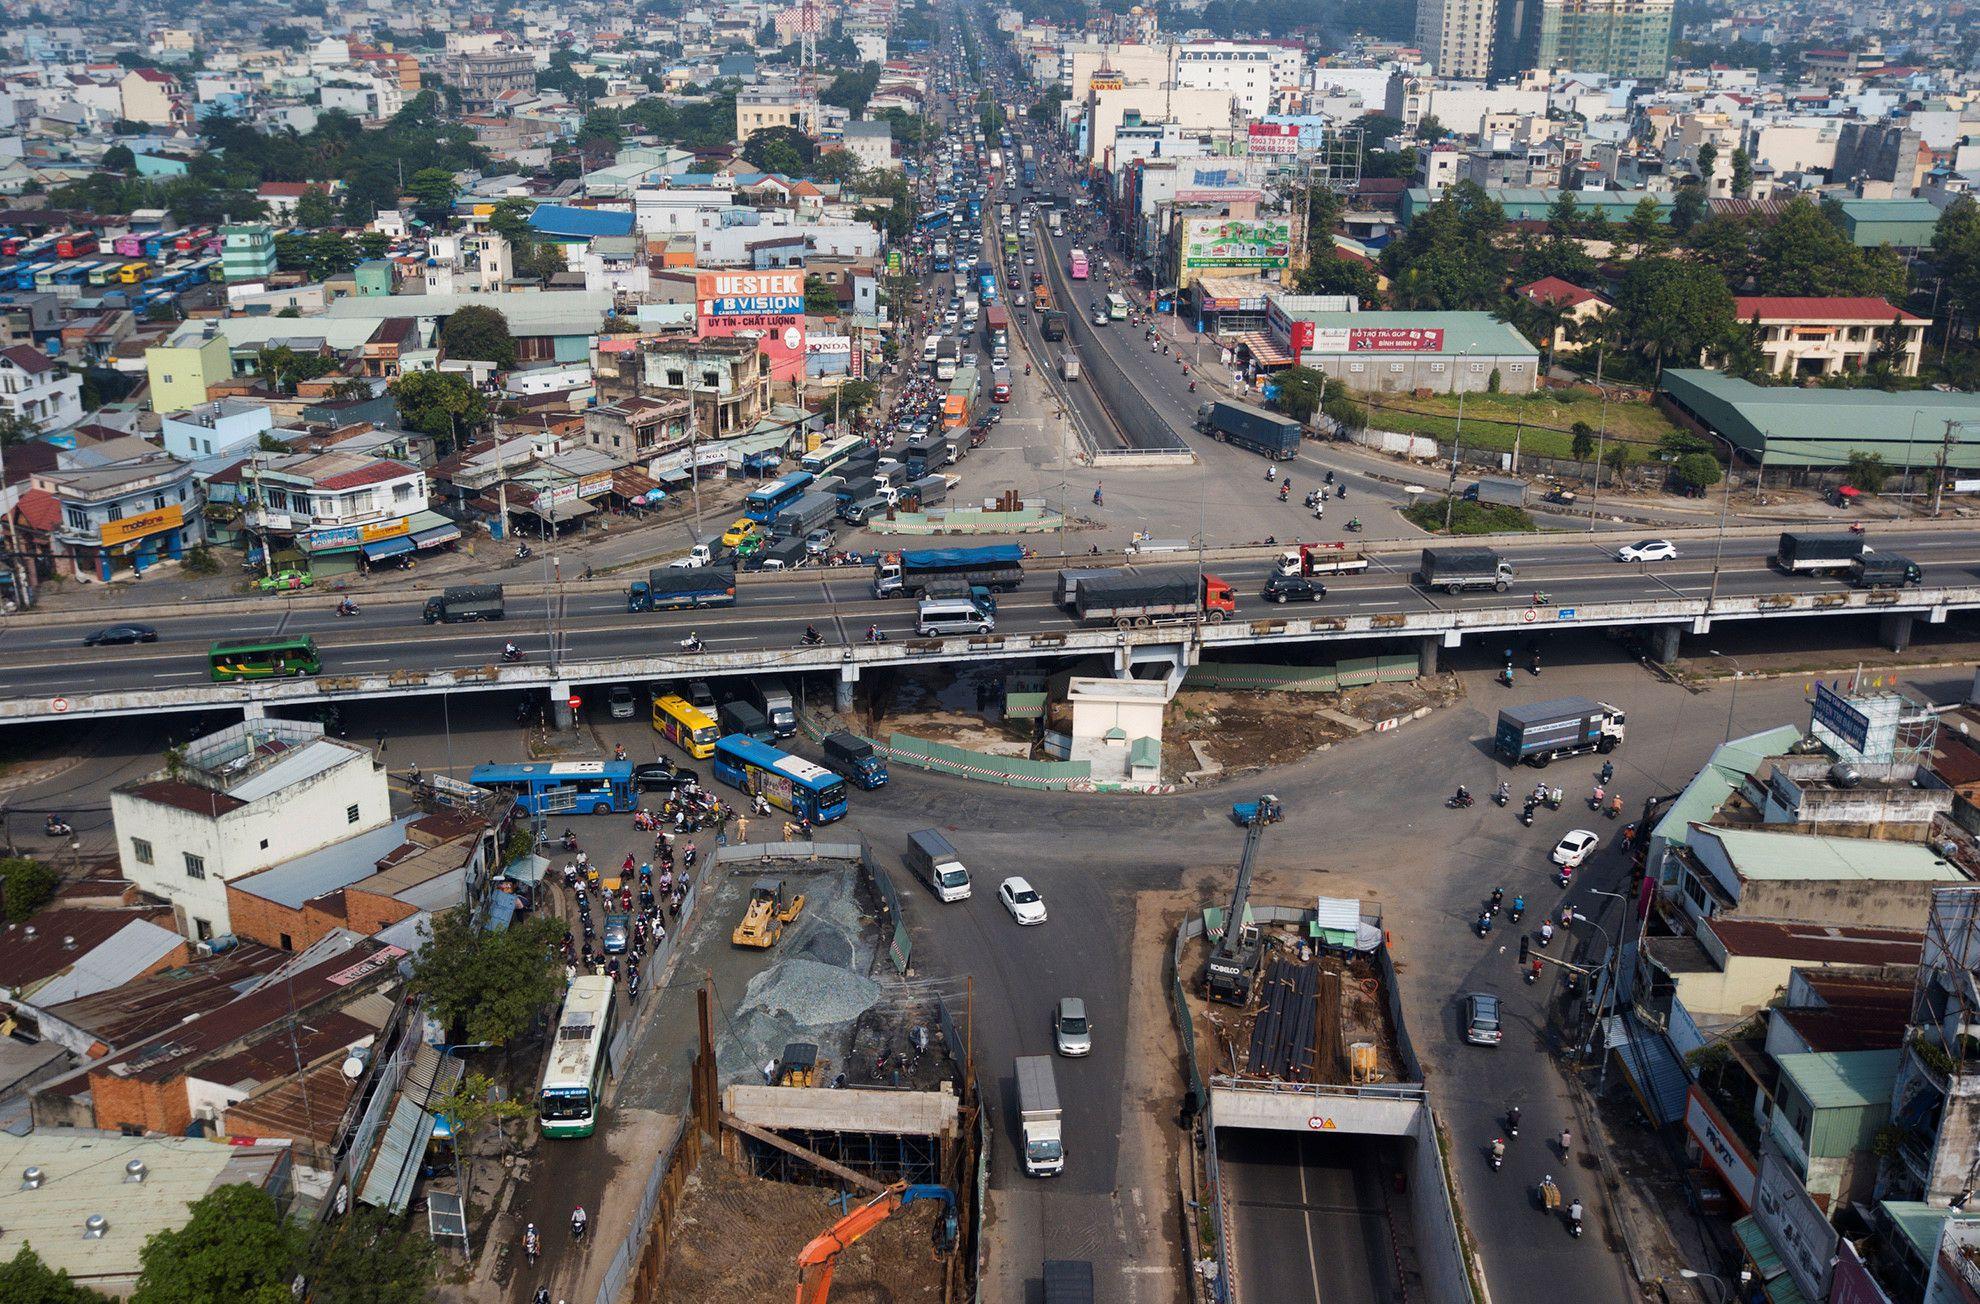 Cuối năm, lô cốt lại mọc lên khắp đường Sài Gòn Ảnh 15